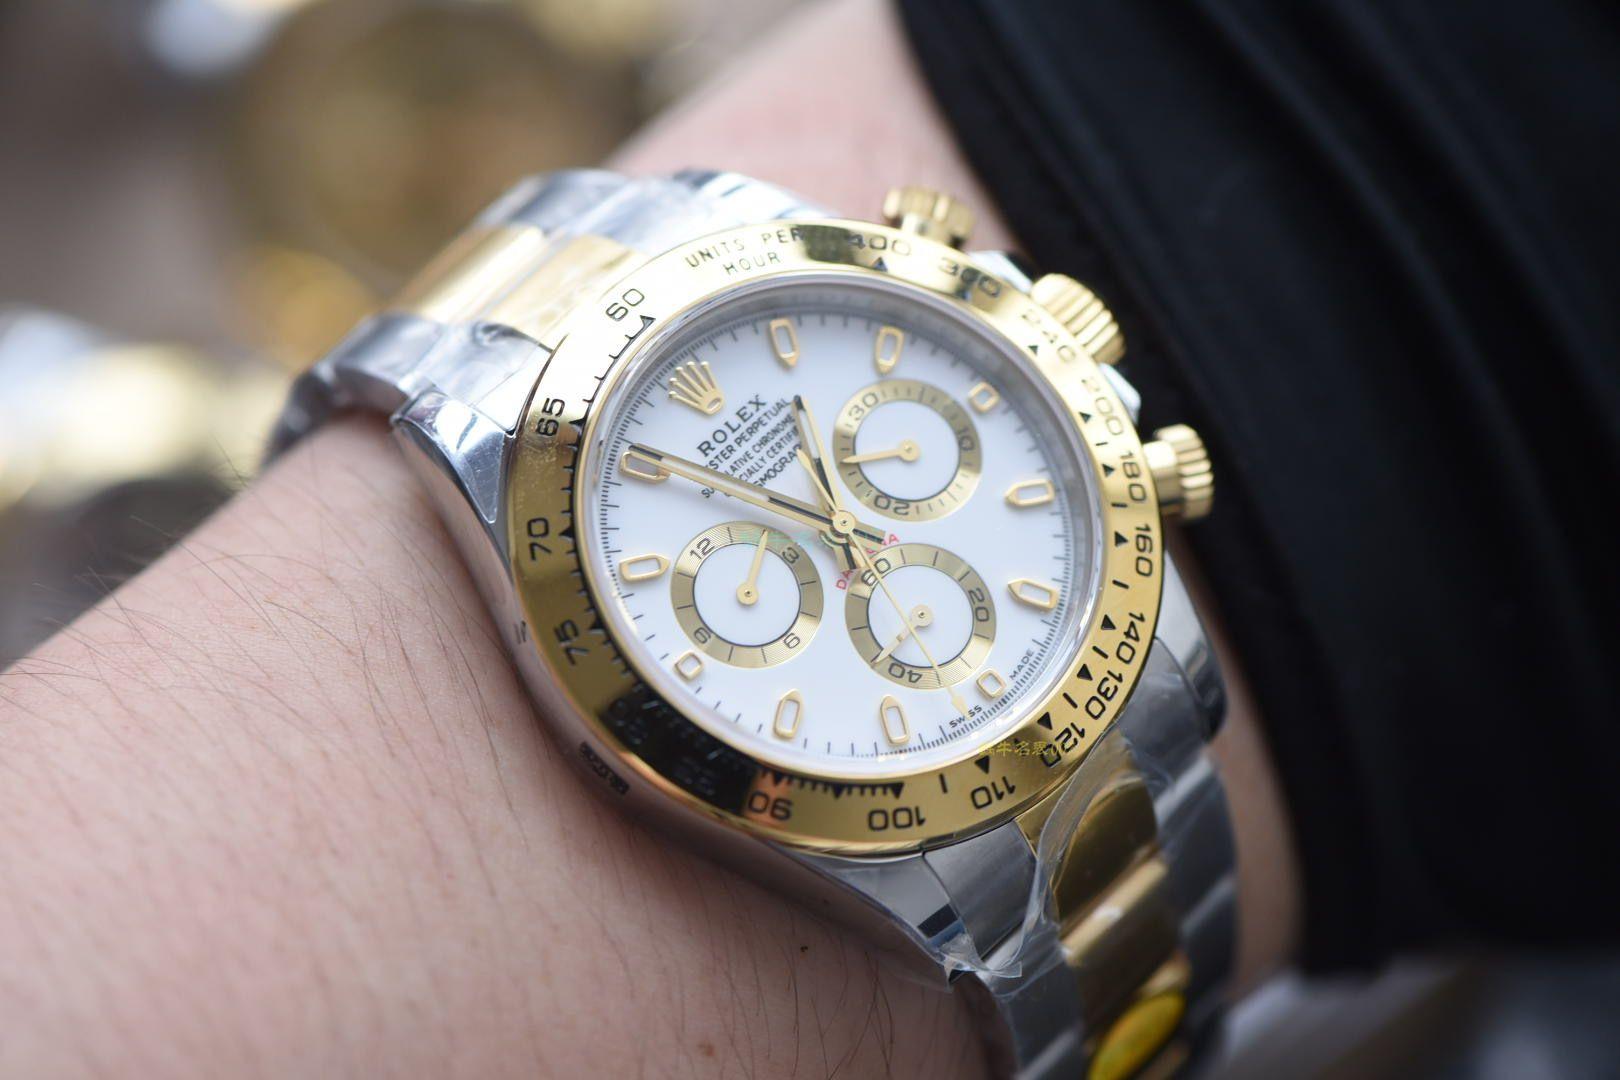 【视频评测N厂超A高仿手表】劳力士宇宙计型迪通拿系列m116503-0004腕表 / R567